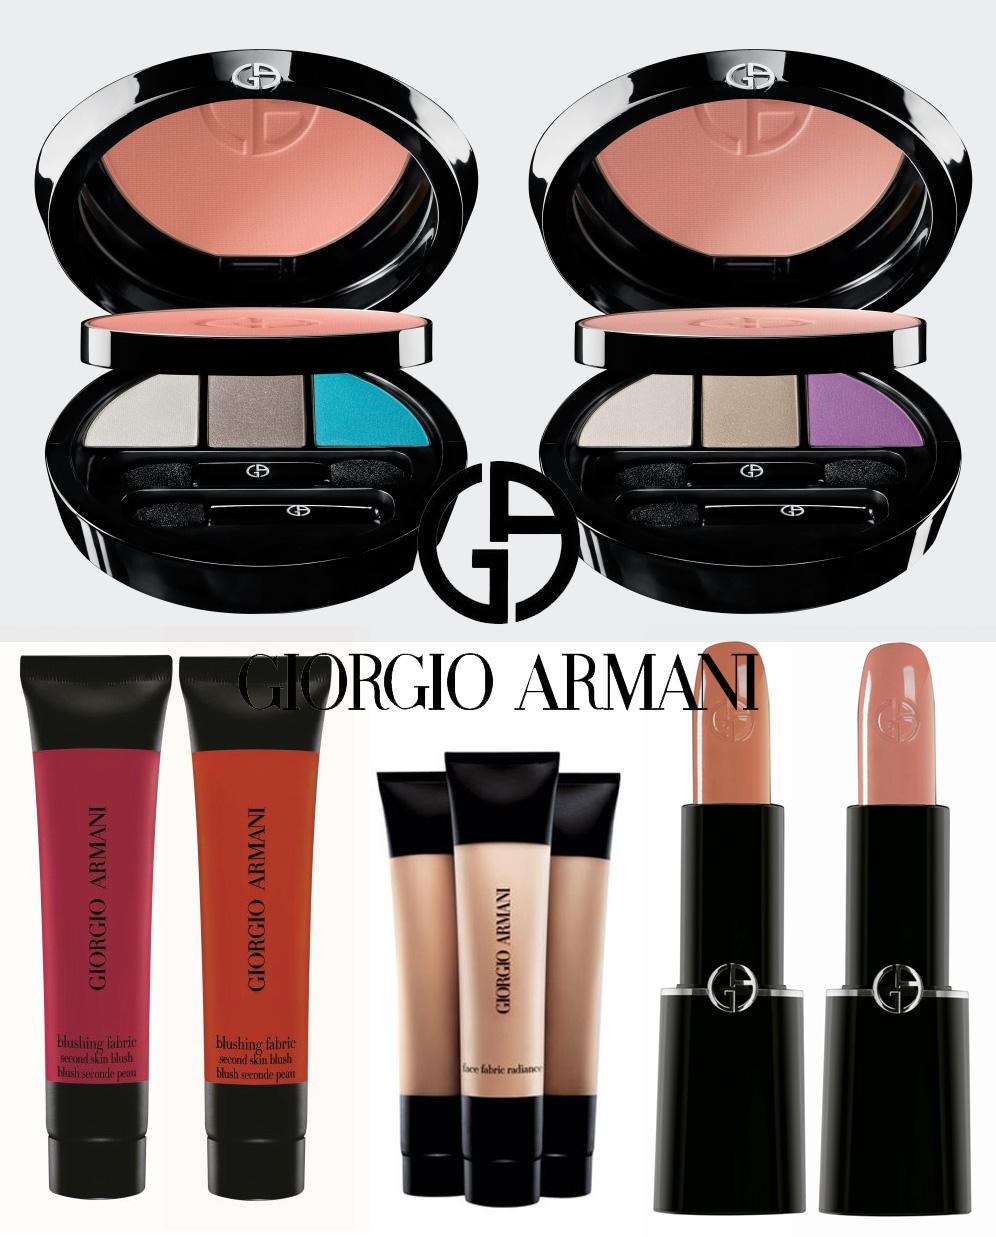 armani pop makeup collection for spring 2013 makeup4all. Black Bedroom Furniture Sets. Home Design Ideas